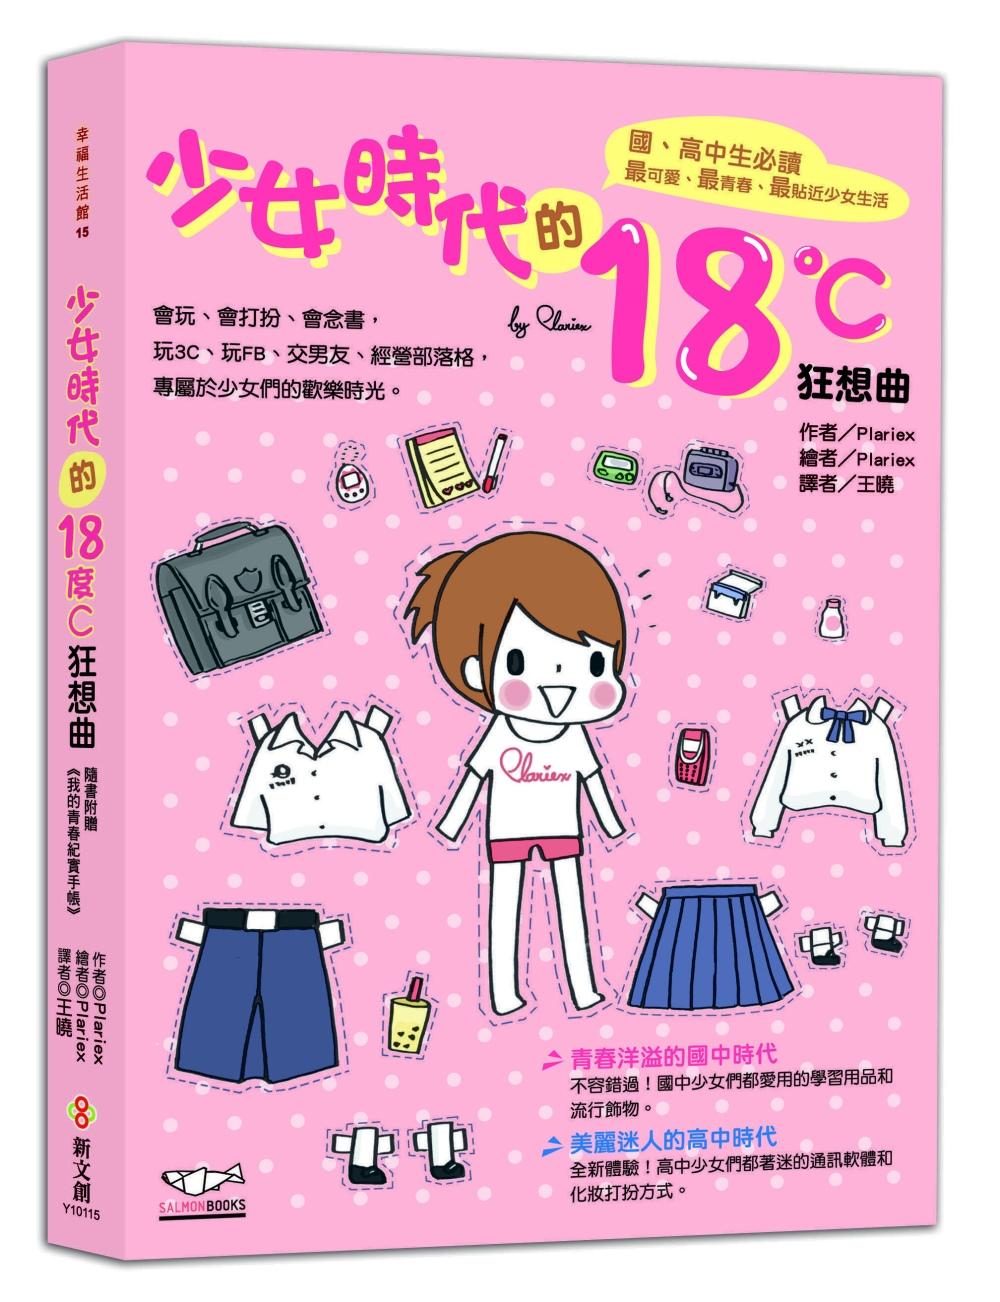 少女時代的18度C狂想曲:國、高中生必讀,最可愛、最青春、最貼近少女生活 (隨書附贈《我的青春紀實手帳》)